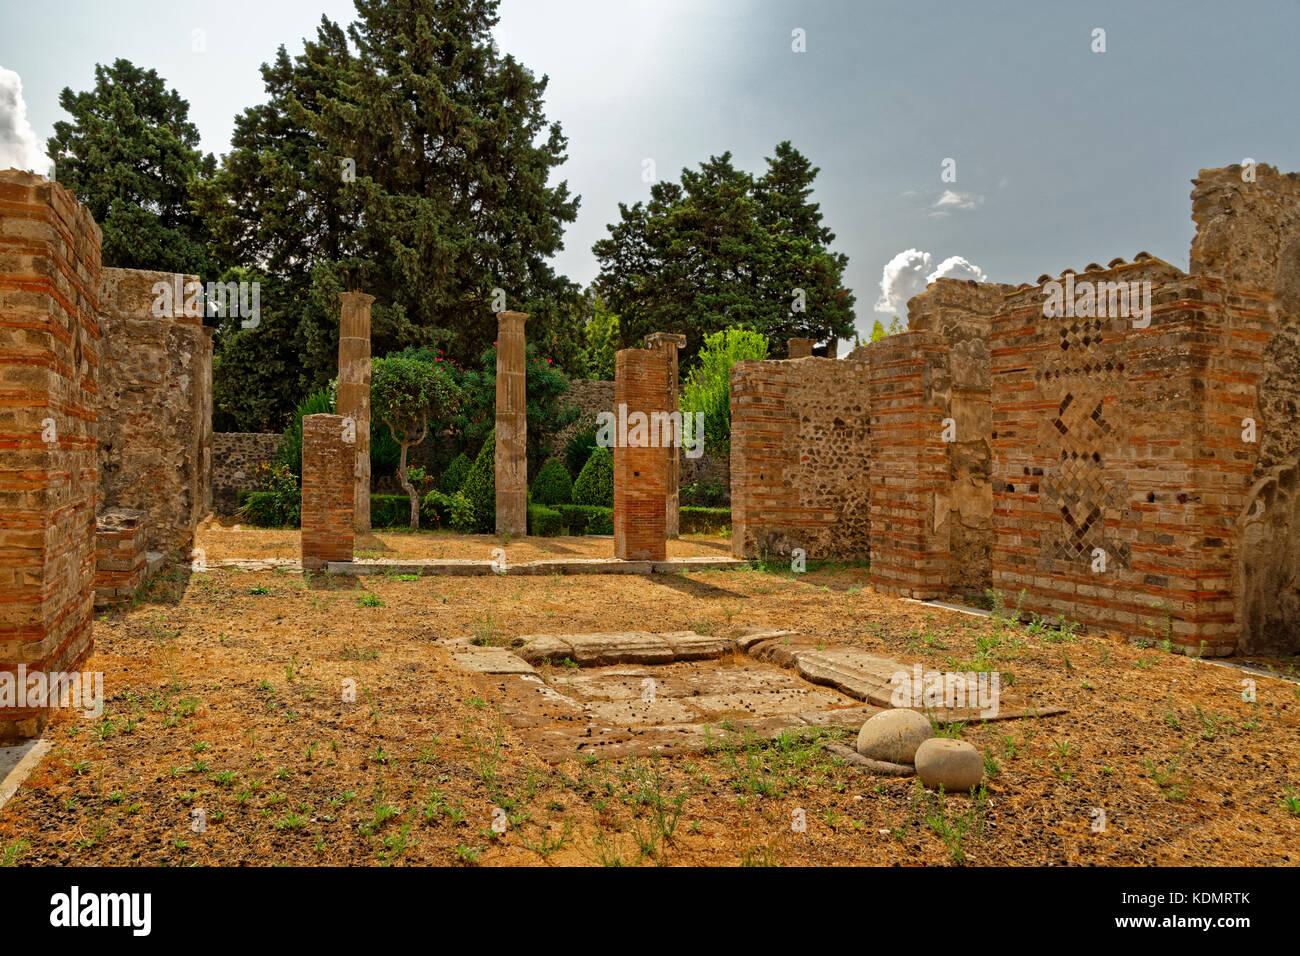 Villa Innenhof in den Ruinen der römischen Stadt Pompeji in Cortona, in der Nähe von Neapel, Italien. Stockbild